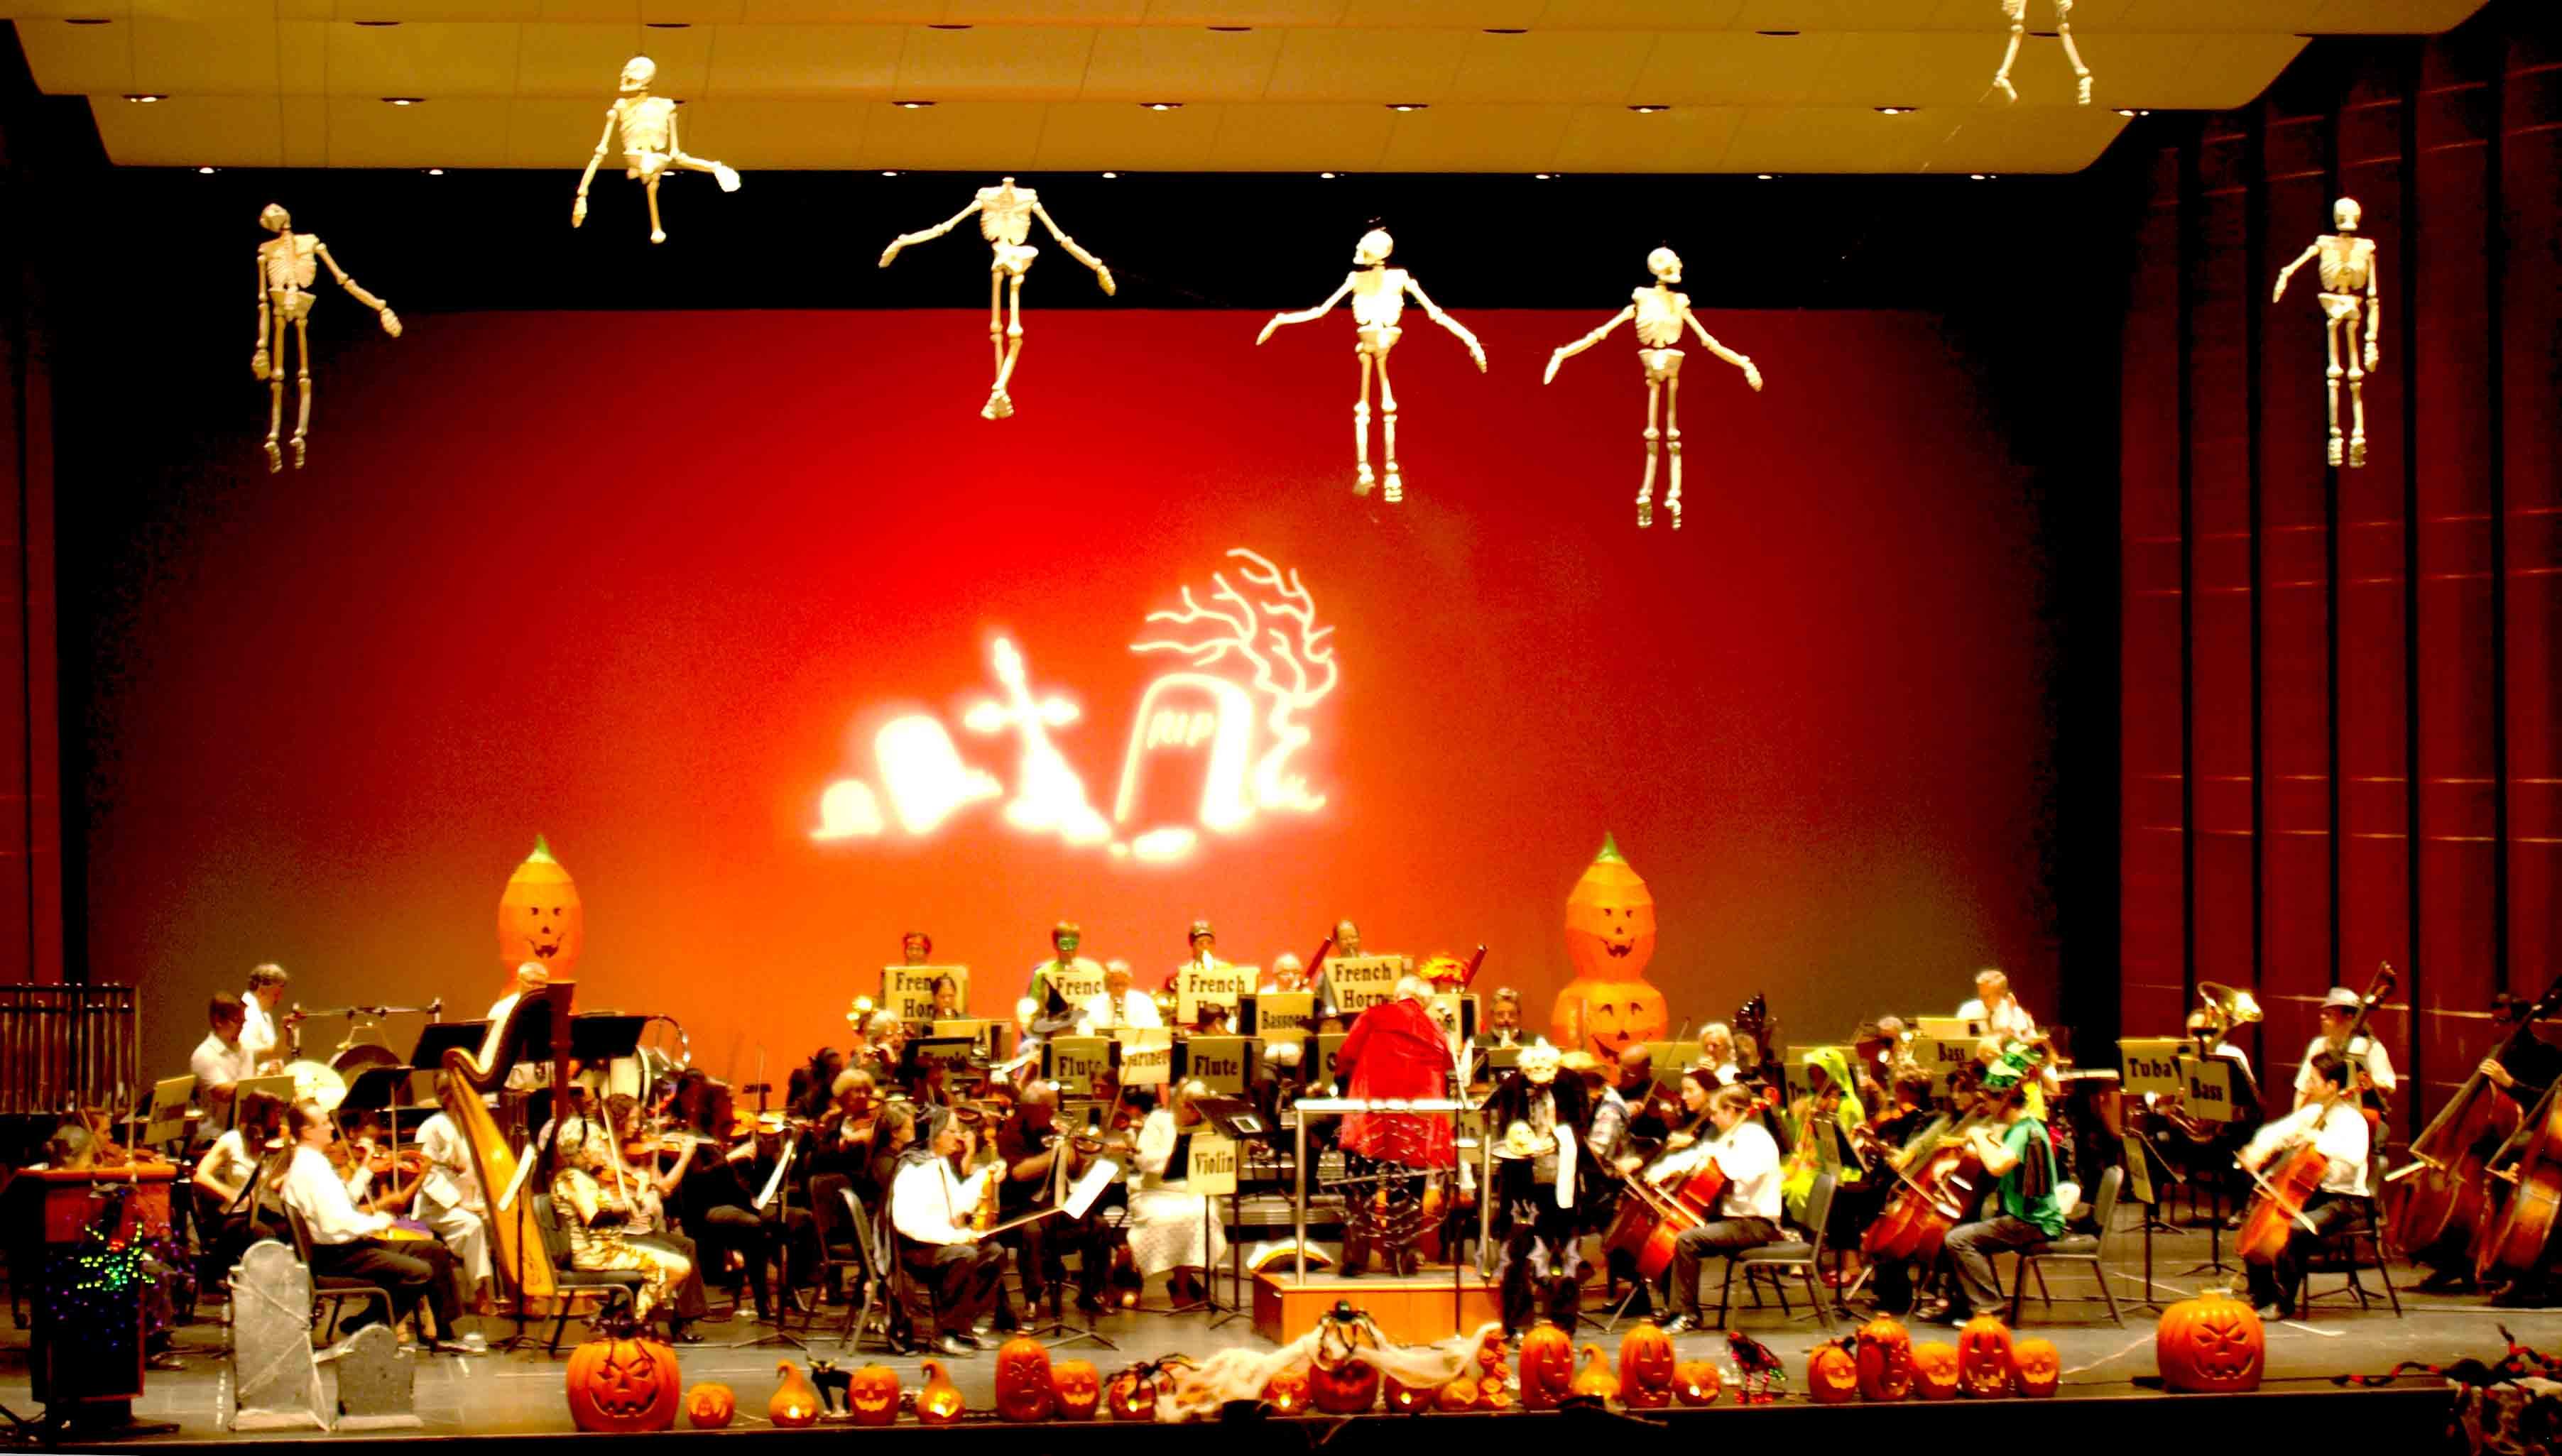 Image of Halloween Children's Concert